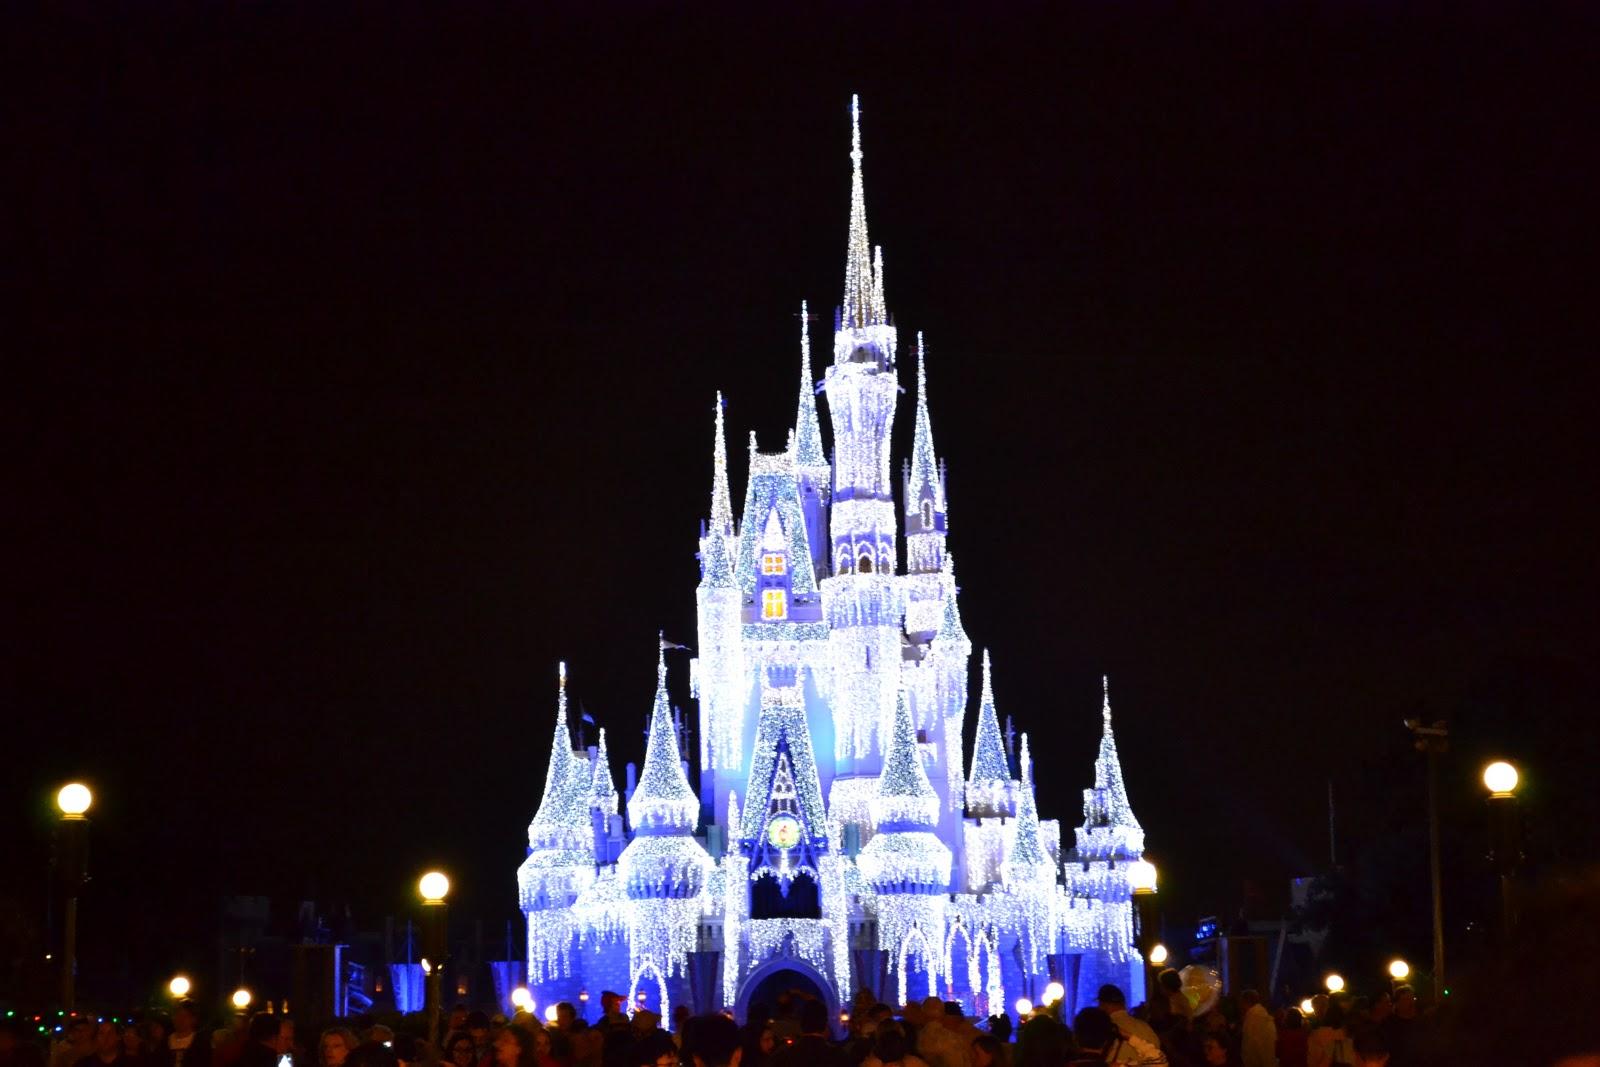 Disney Castle Christmas Wallpaper - WallpaperSafari